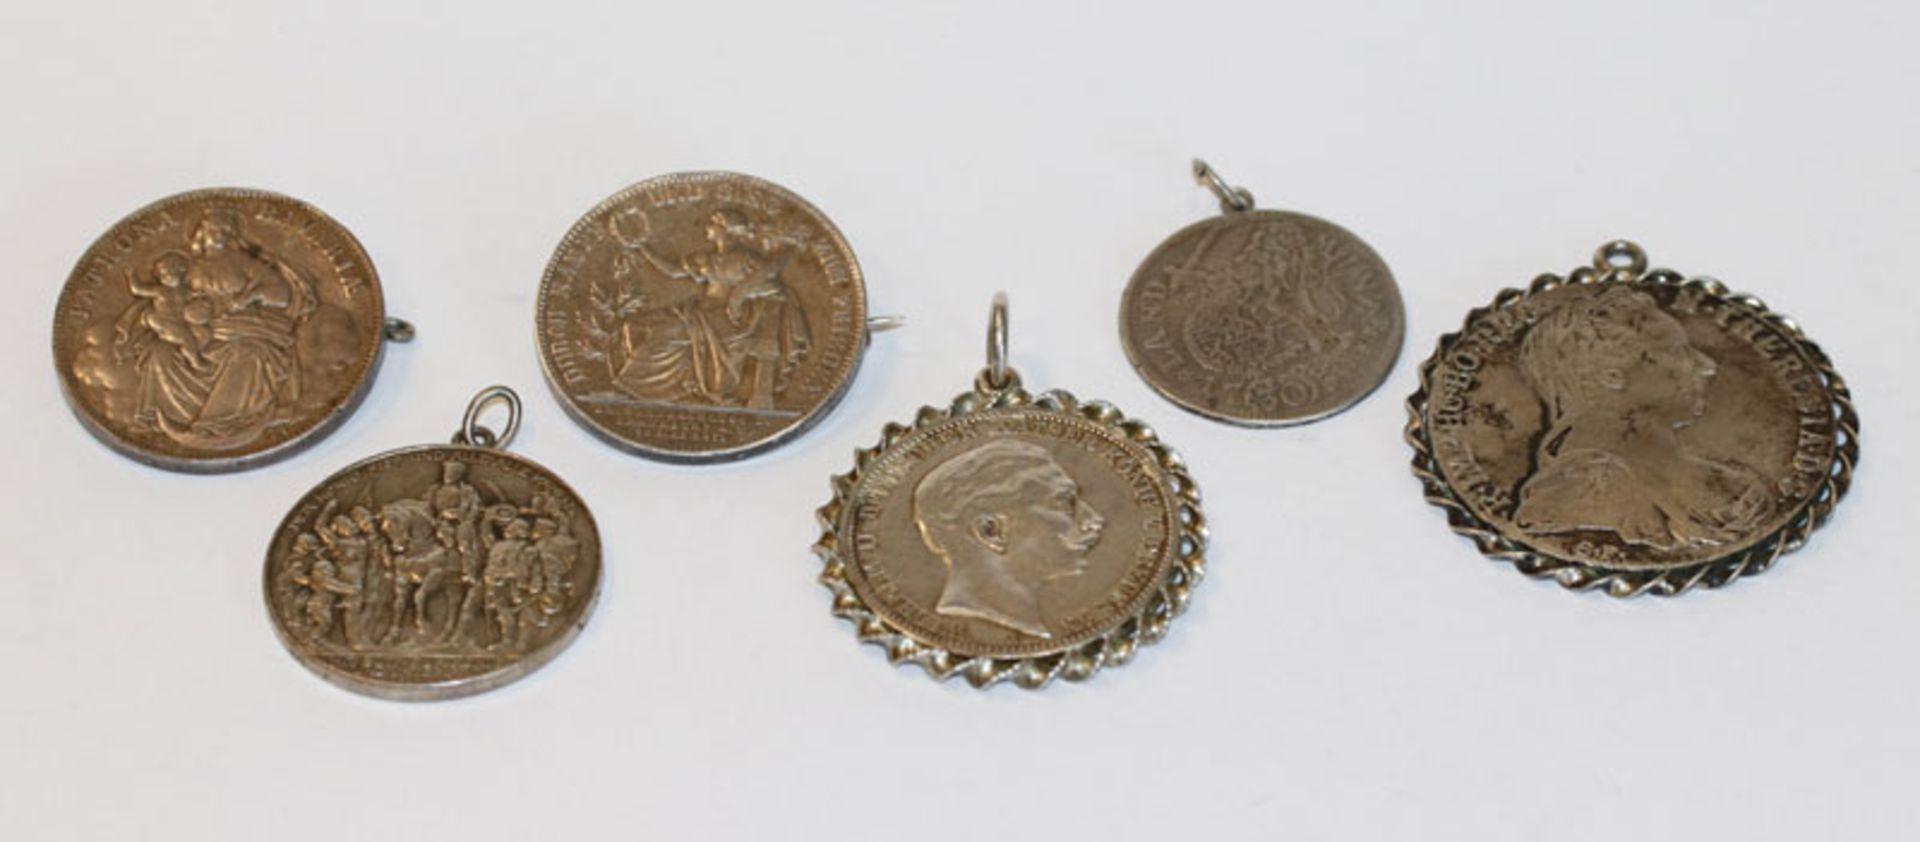 Konvolut von 4 Silber Münz-Anhängern und 2 Münzbroschen, zus. 111 gr.